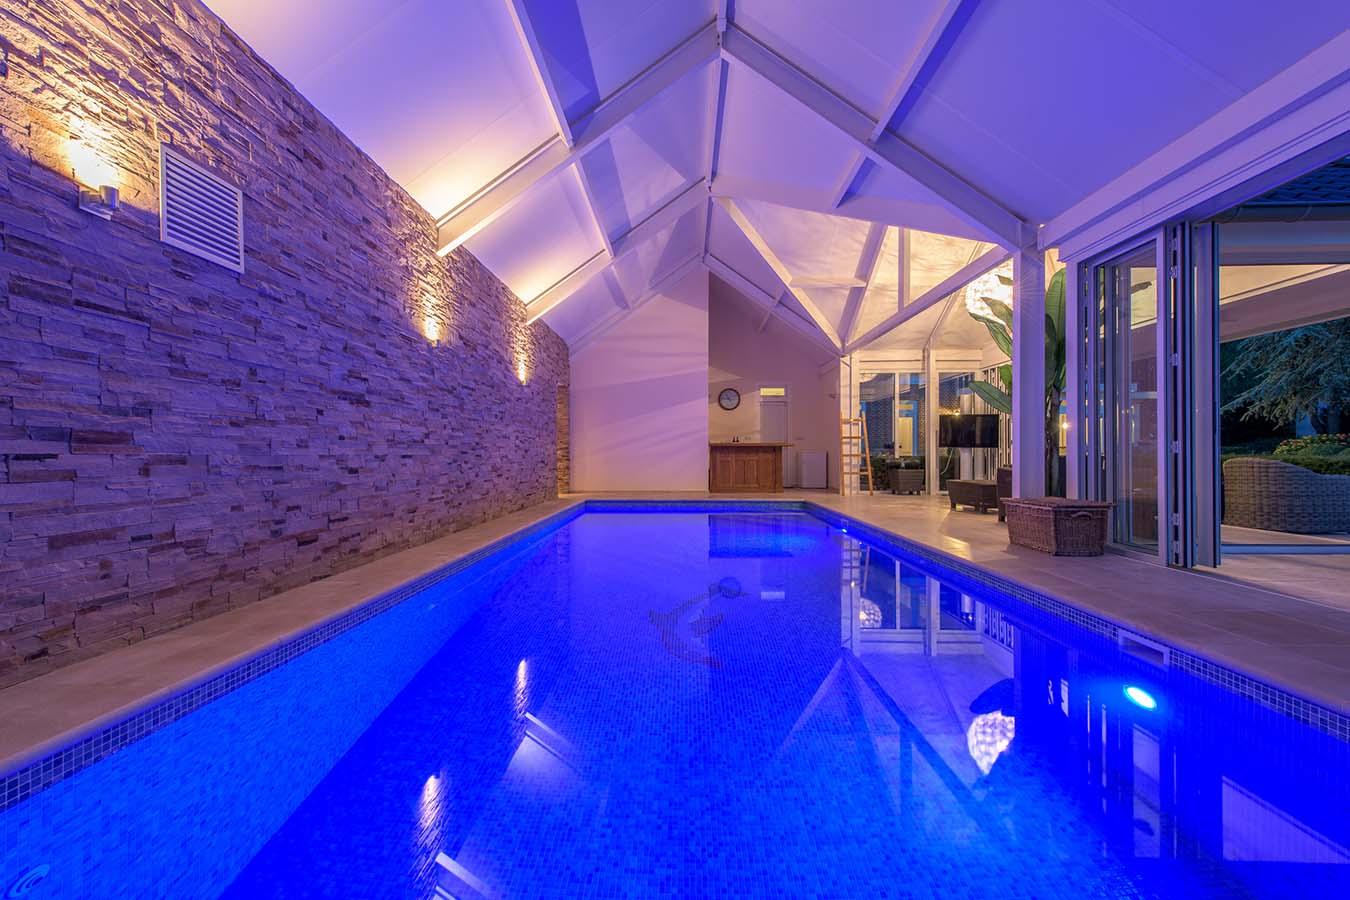 zwembad met blauw licht en uitzicht naar buiten